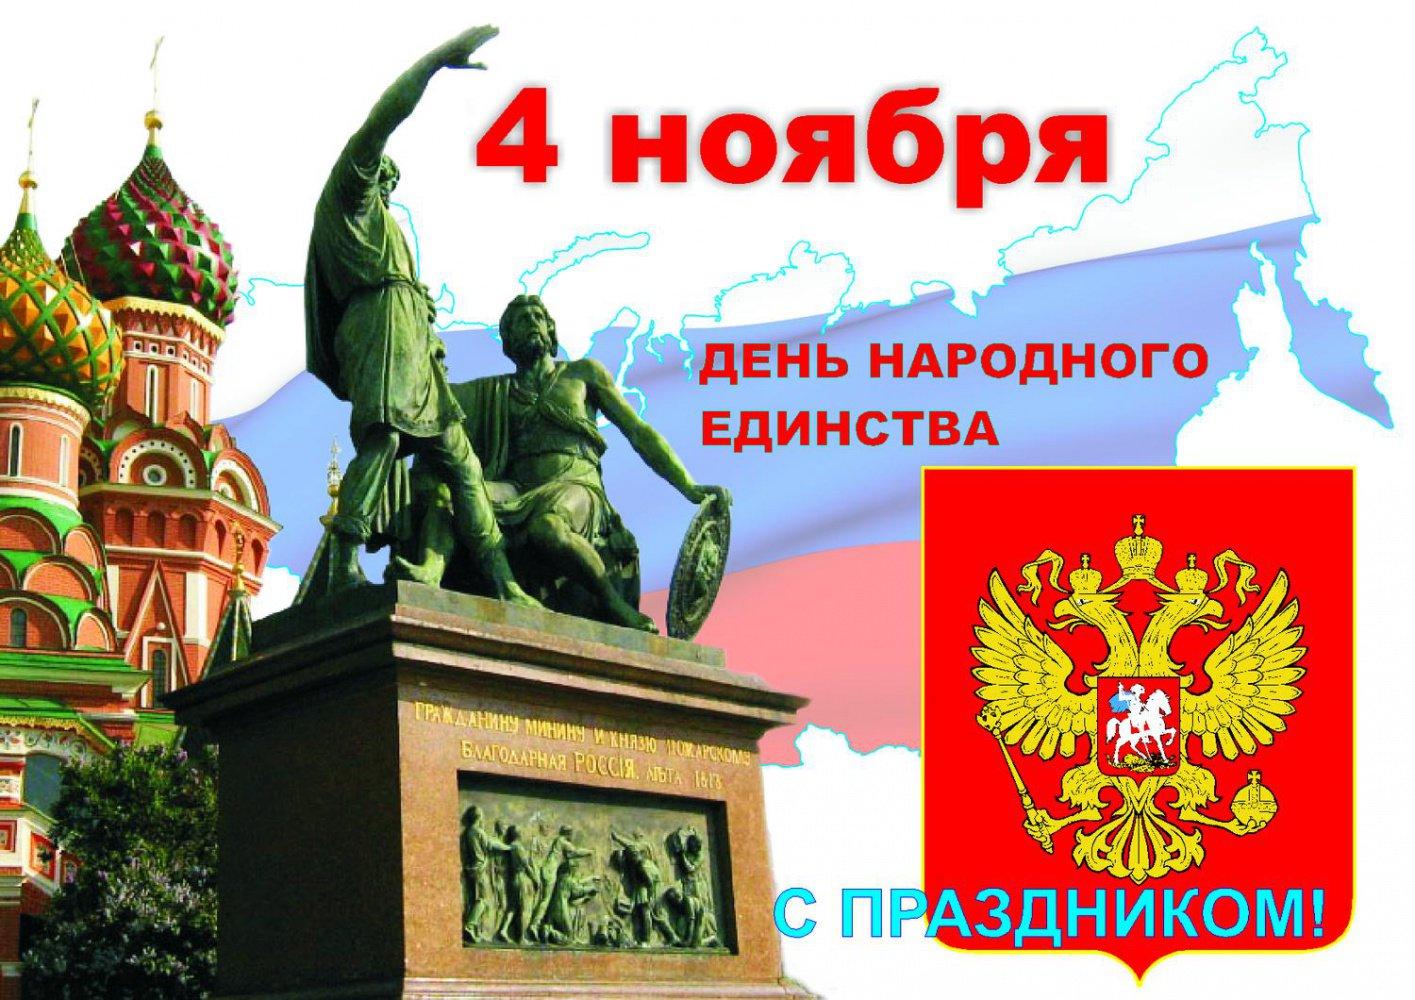 Народное единство 4 ноября картинки народное единство 4 ноября картинки, приколы